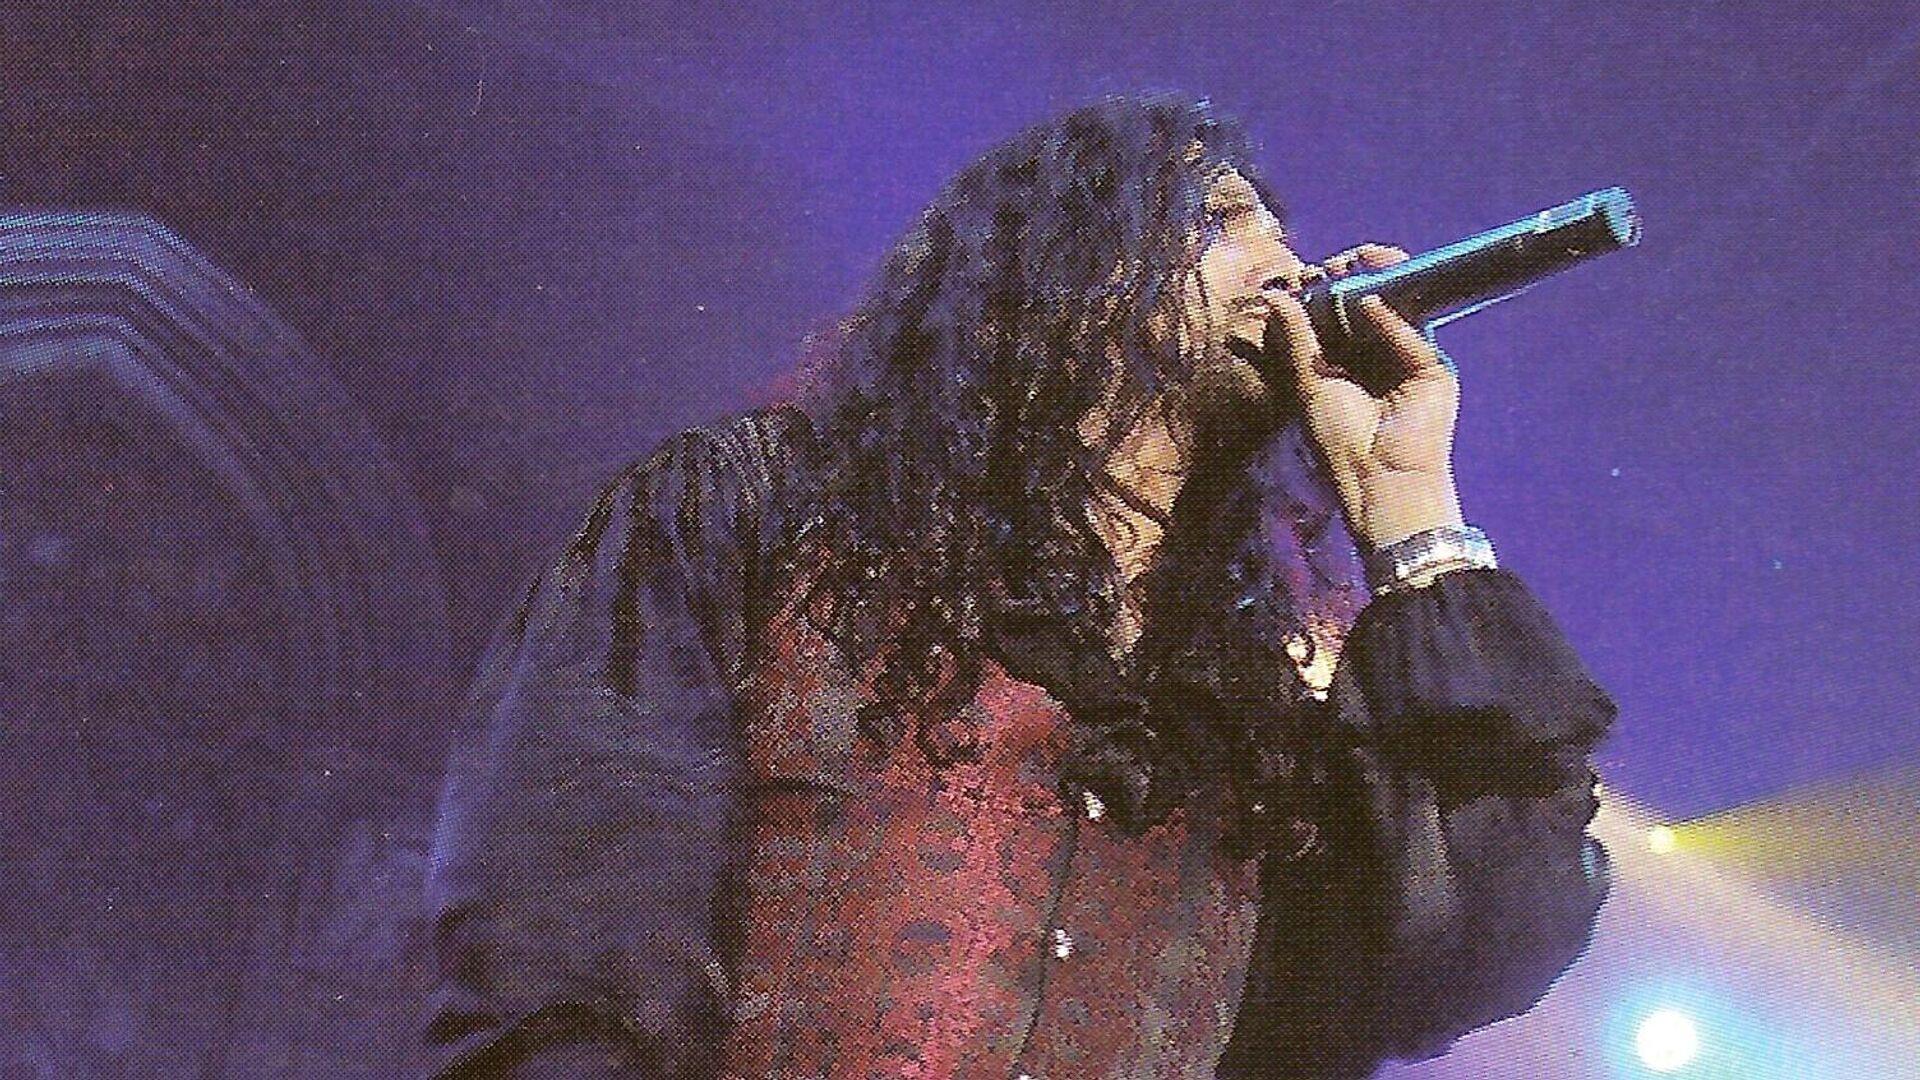 José Andrëa en un concierto de Mägo de Oz en Albacete en 2006 - Sputnik Mundo, 1920, 06.09.2021